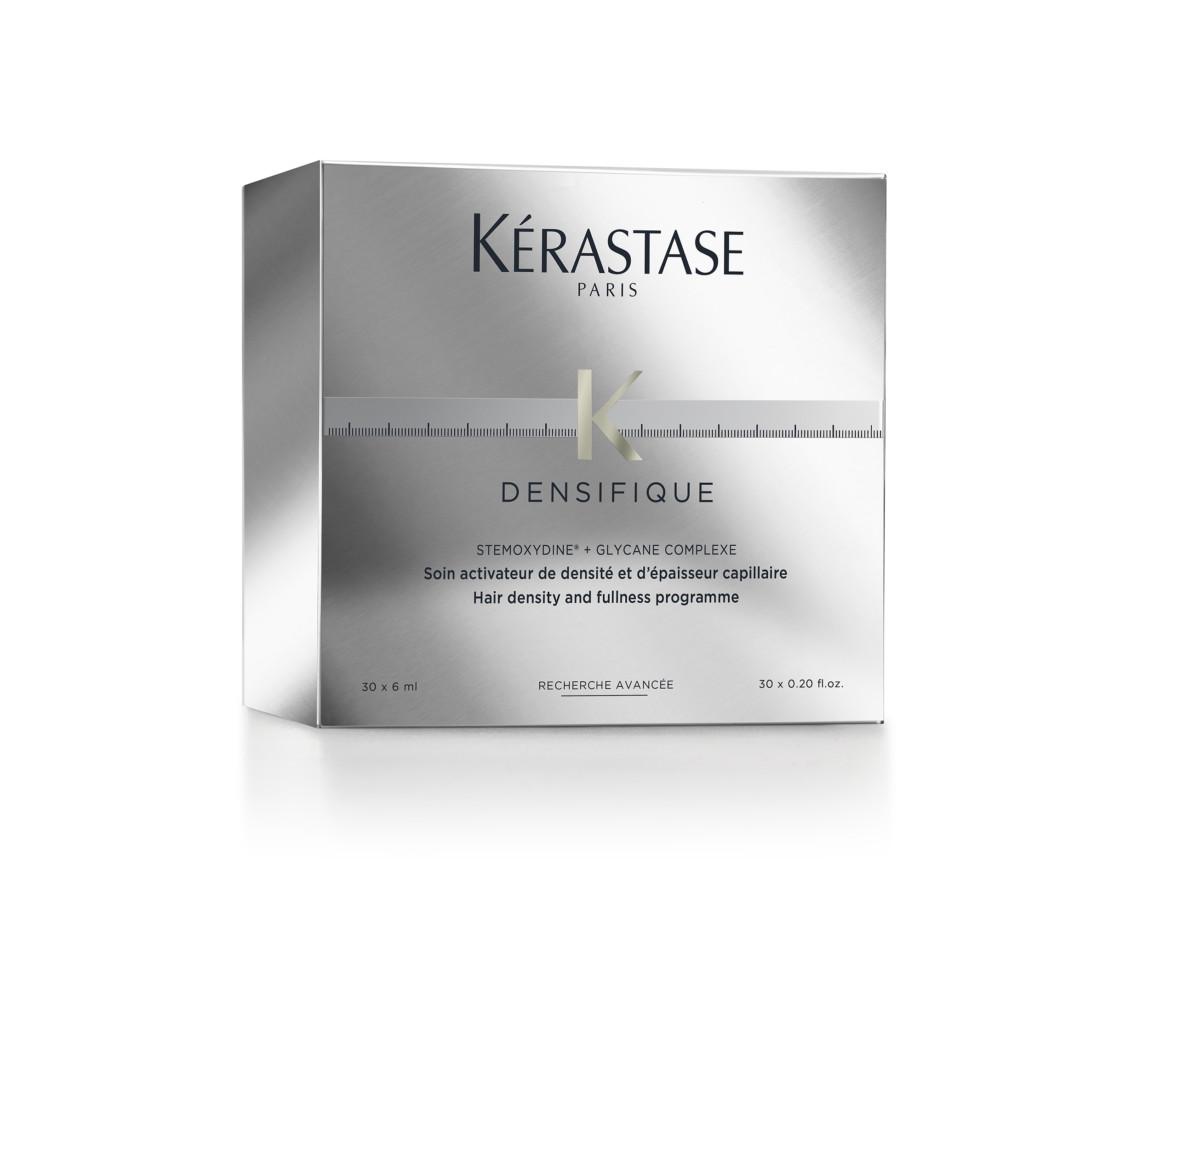 Kerastase Densifique Cure Densifique Femme 30 X 6ml Miya Web Store